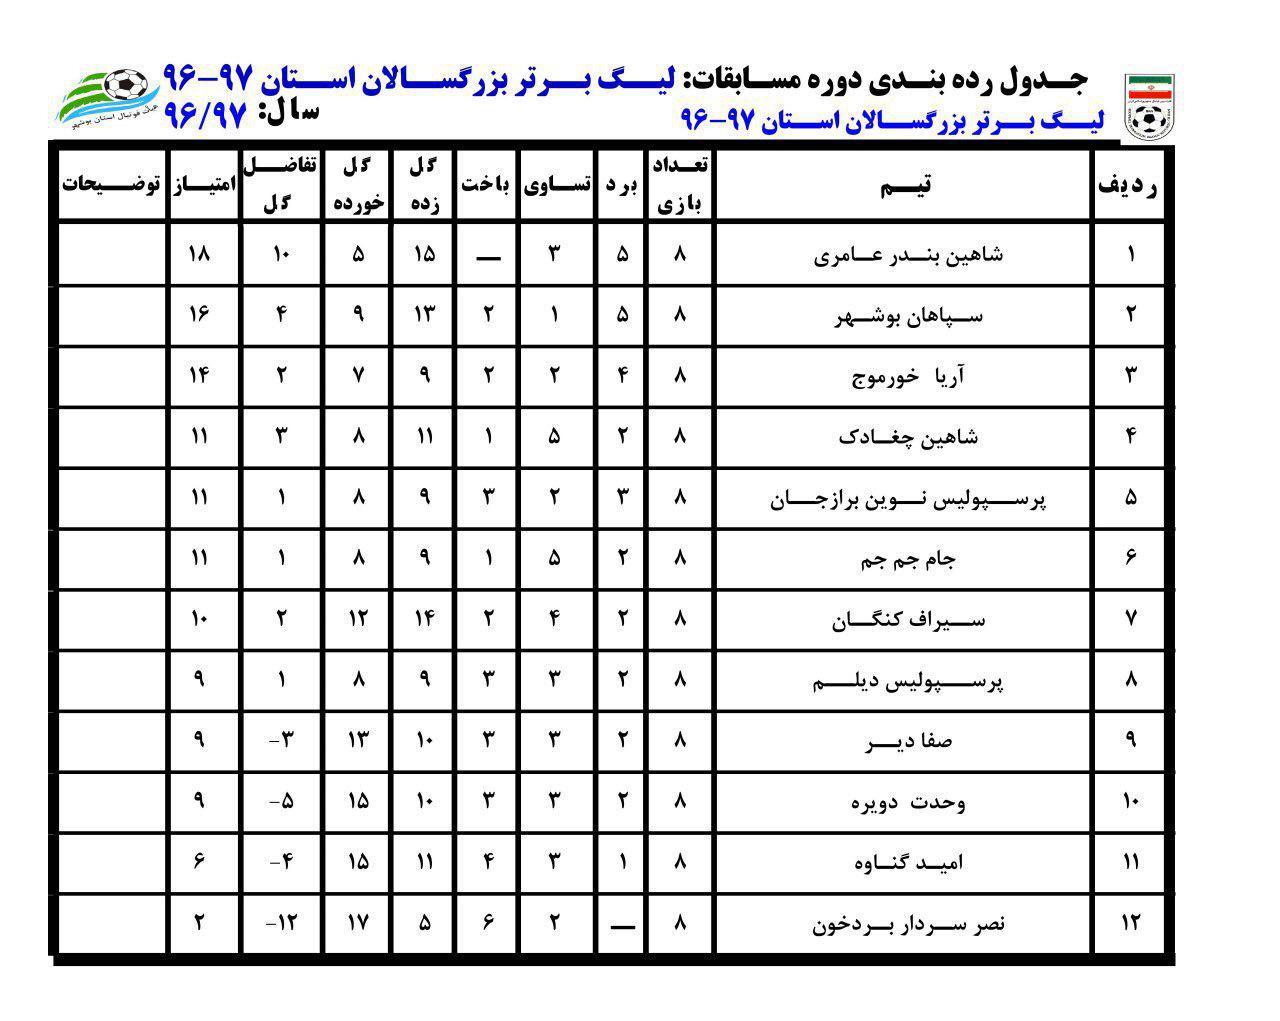 شاهین با تساوی مقابل نصر سردار بردخون در رده چهارم جدول لیگ برتر فوتبال استان جای گرفت